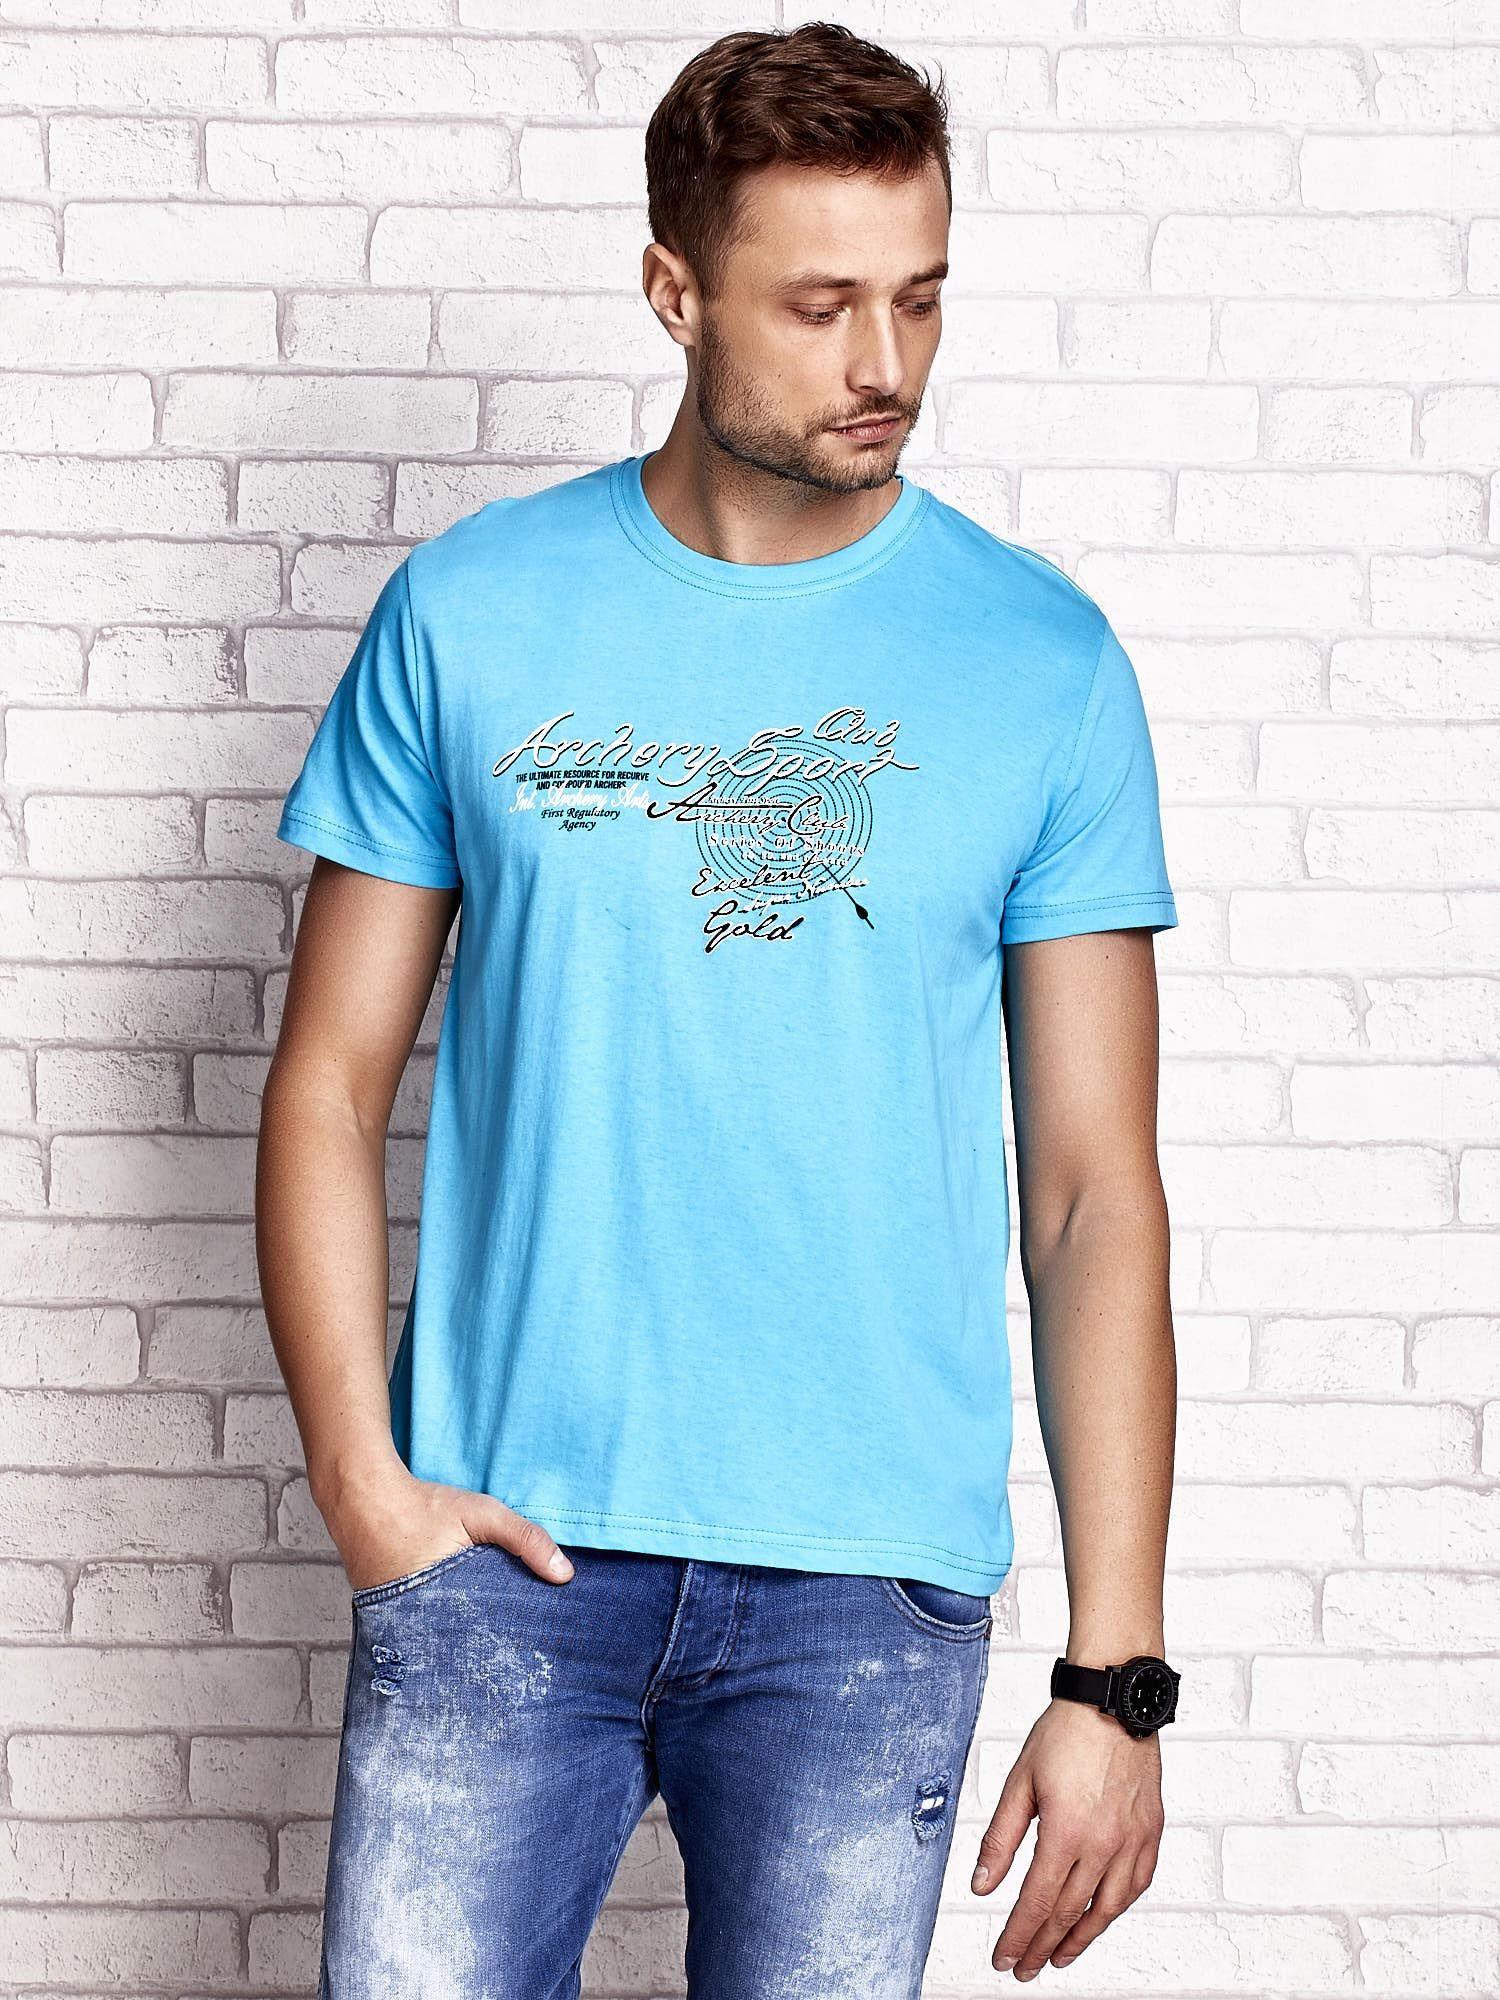 Niebieski t-shirt męski ze sportowym nadrukiem i napisami                                  zdj.                                  1